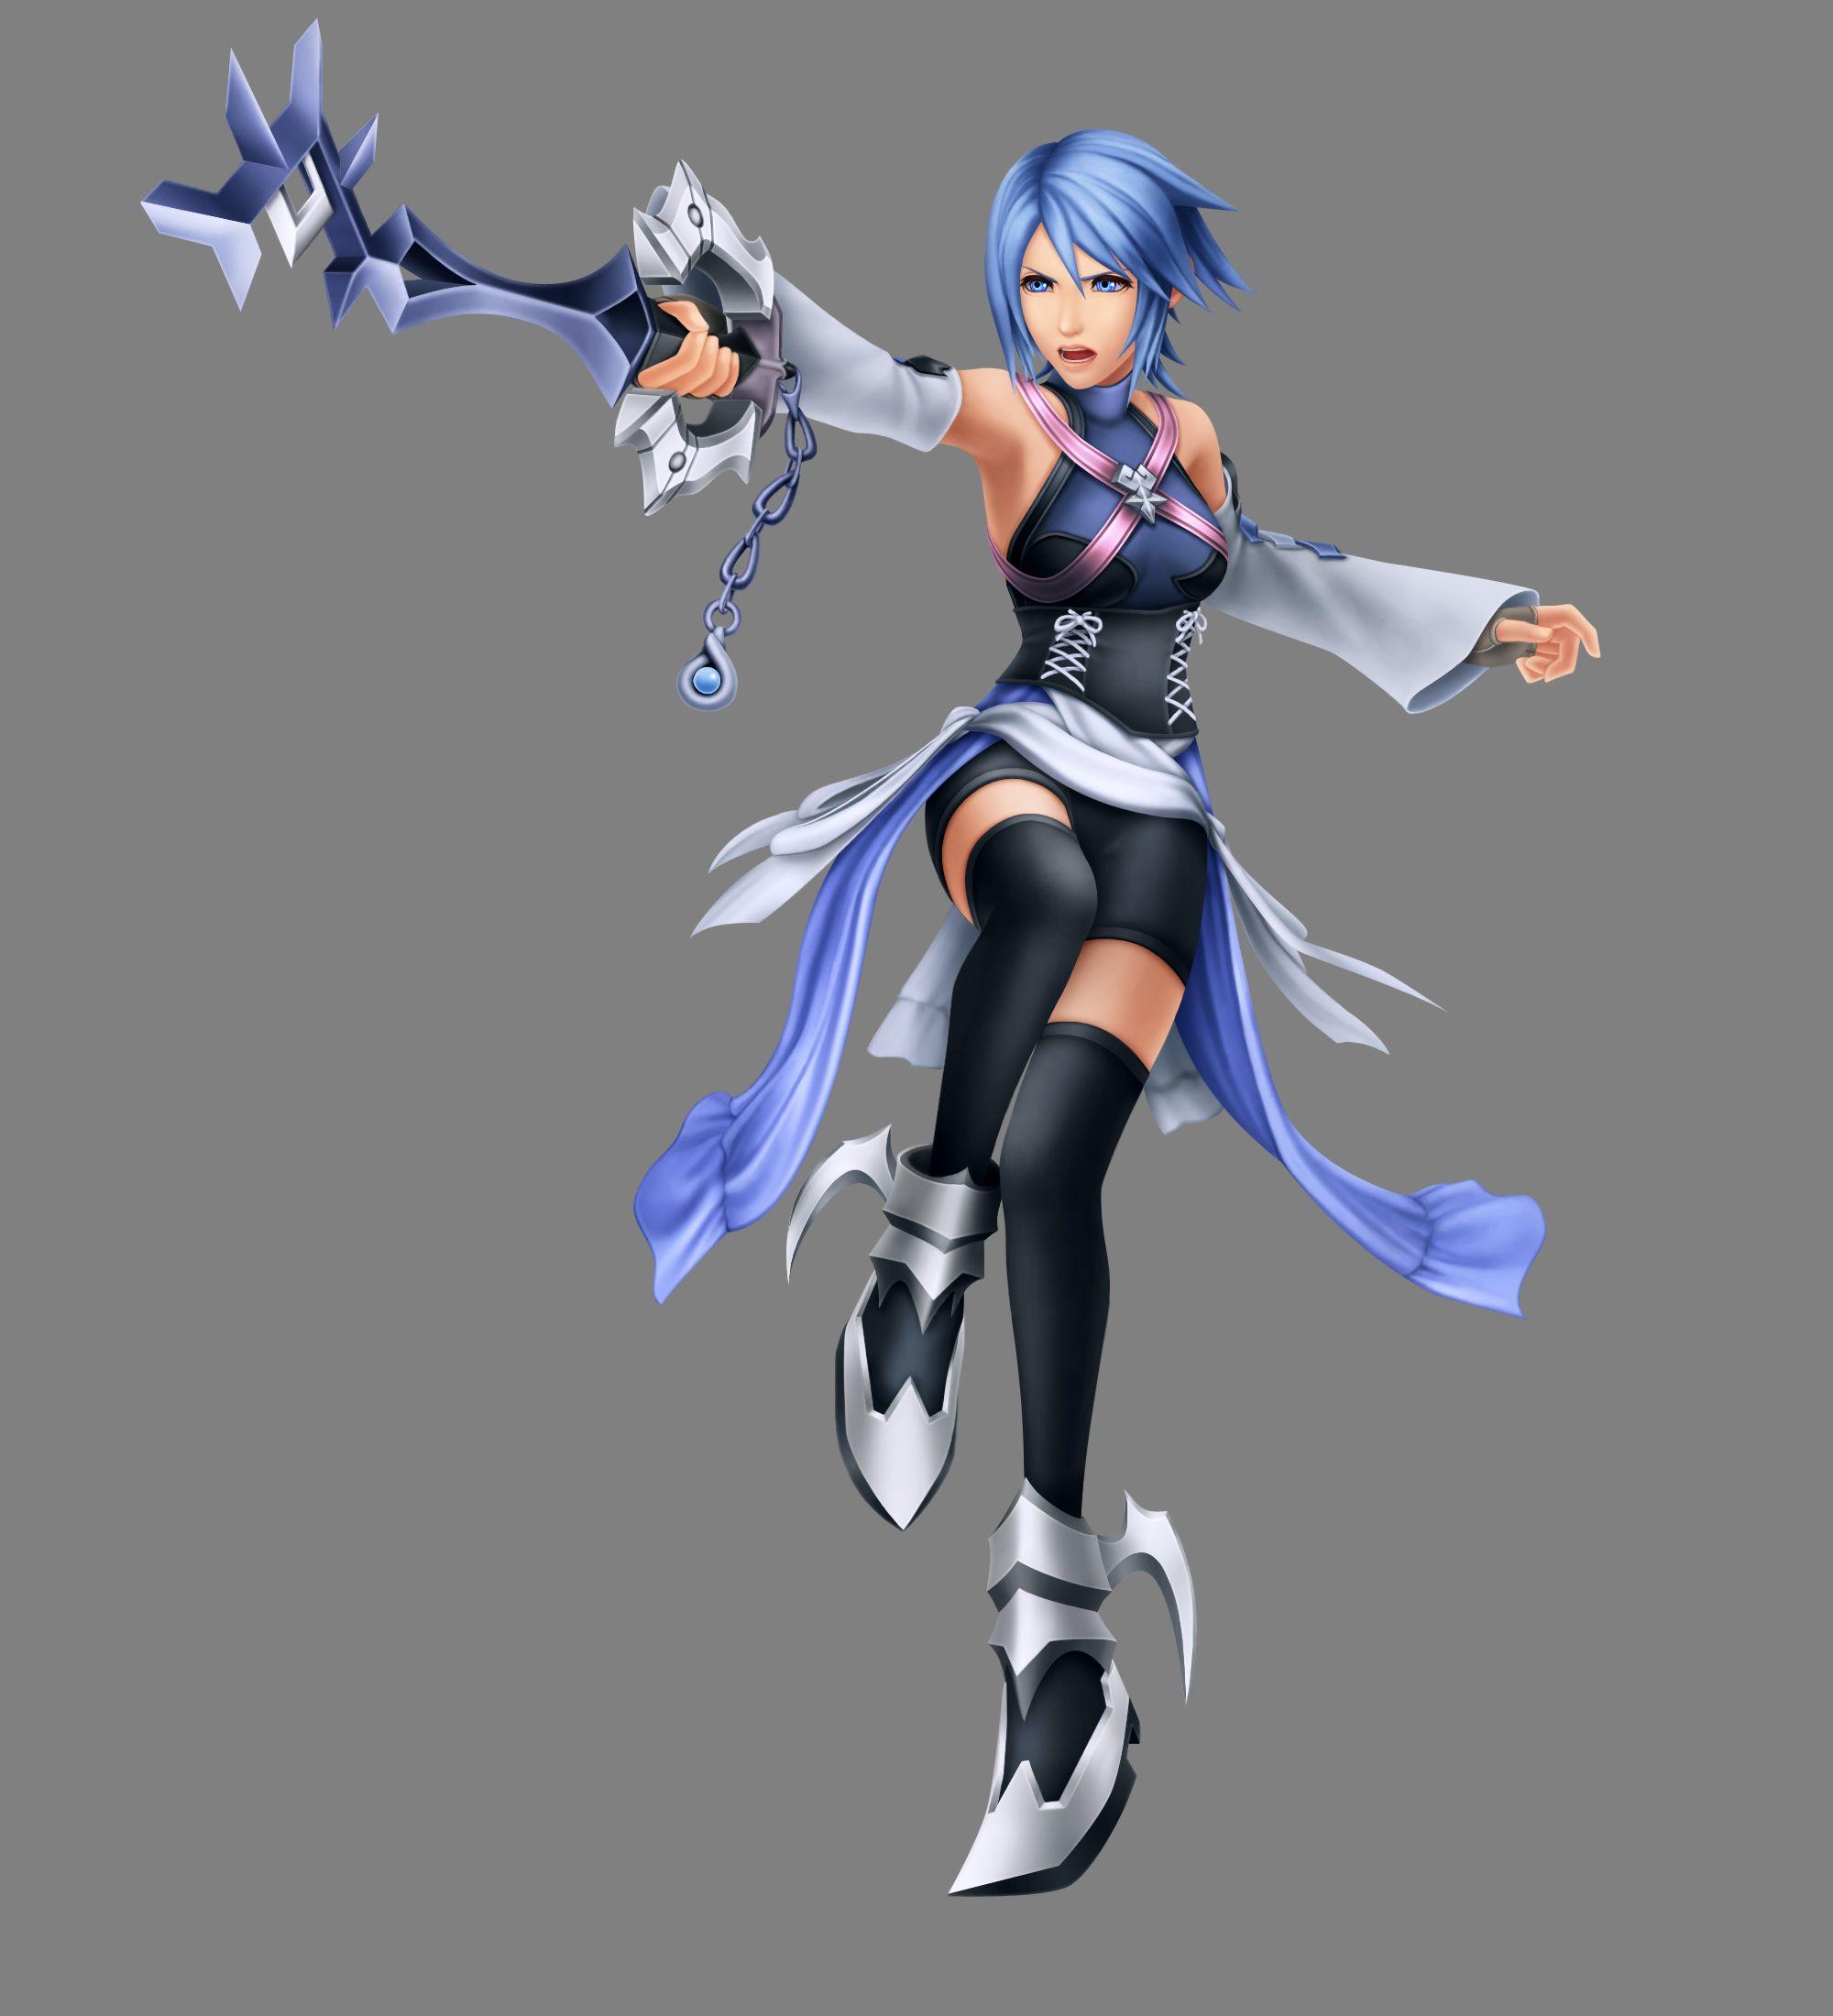 Aquatic Kingdom Hearts Wiki: Aqua